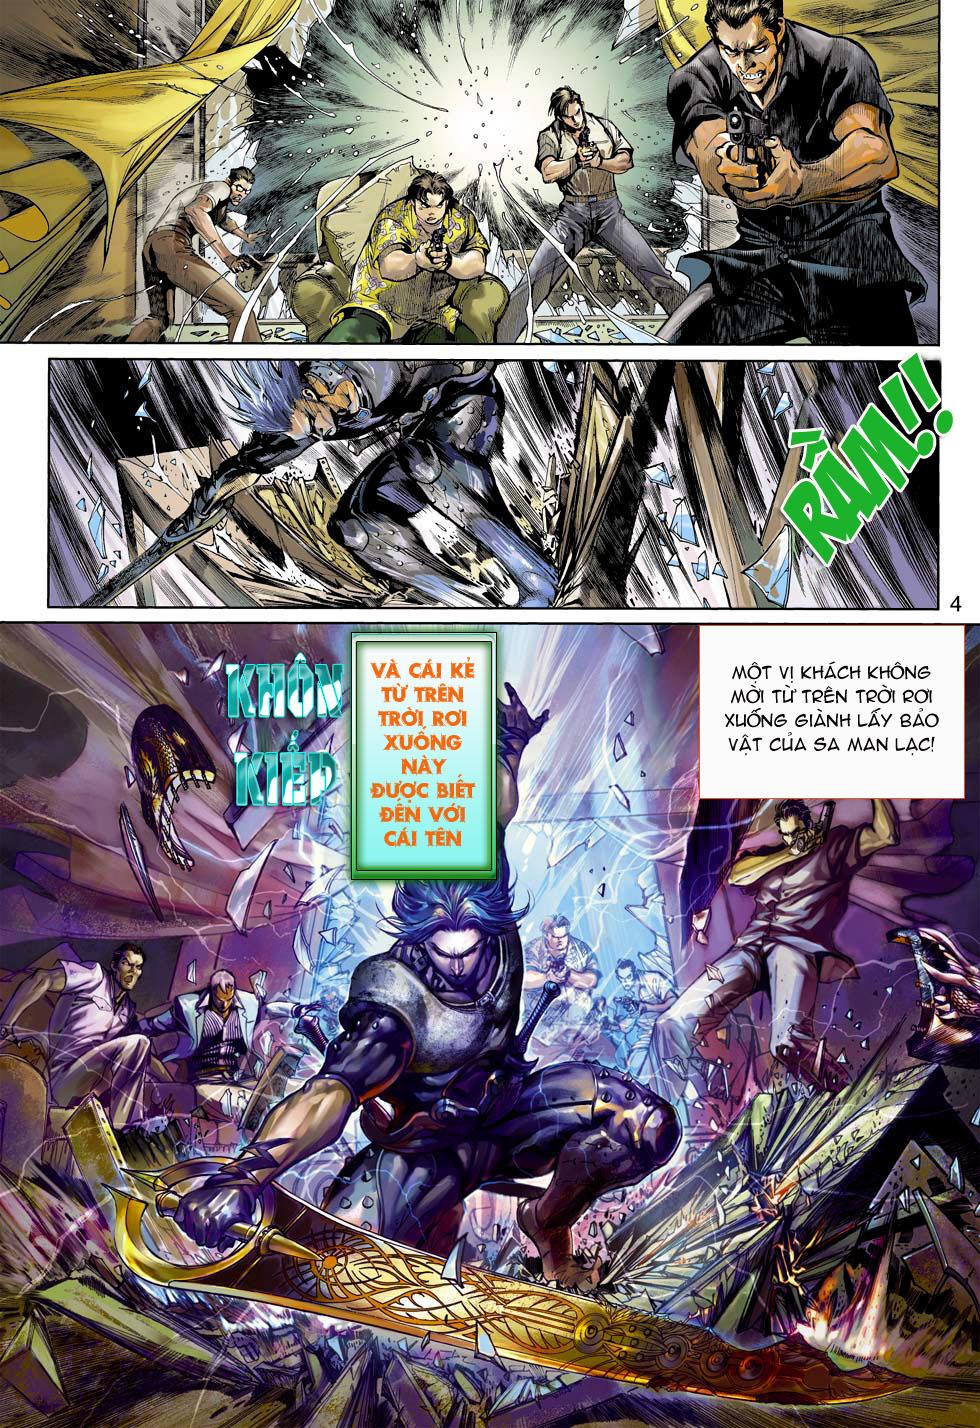 Thần Binh 4 chap 3 - Trang 4